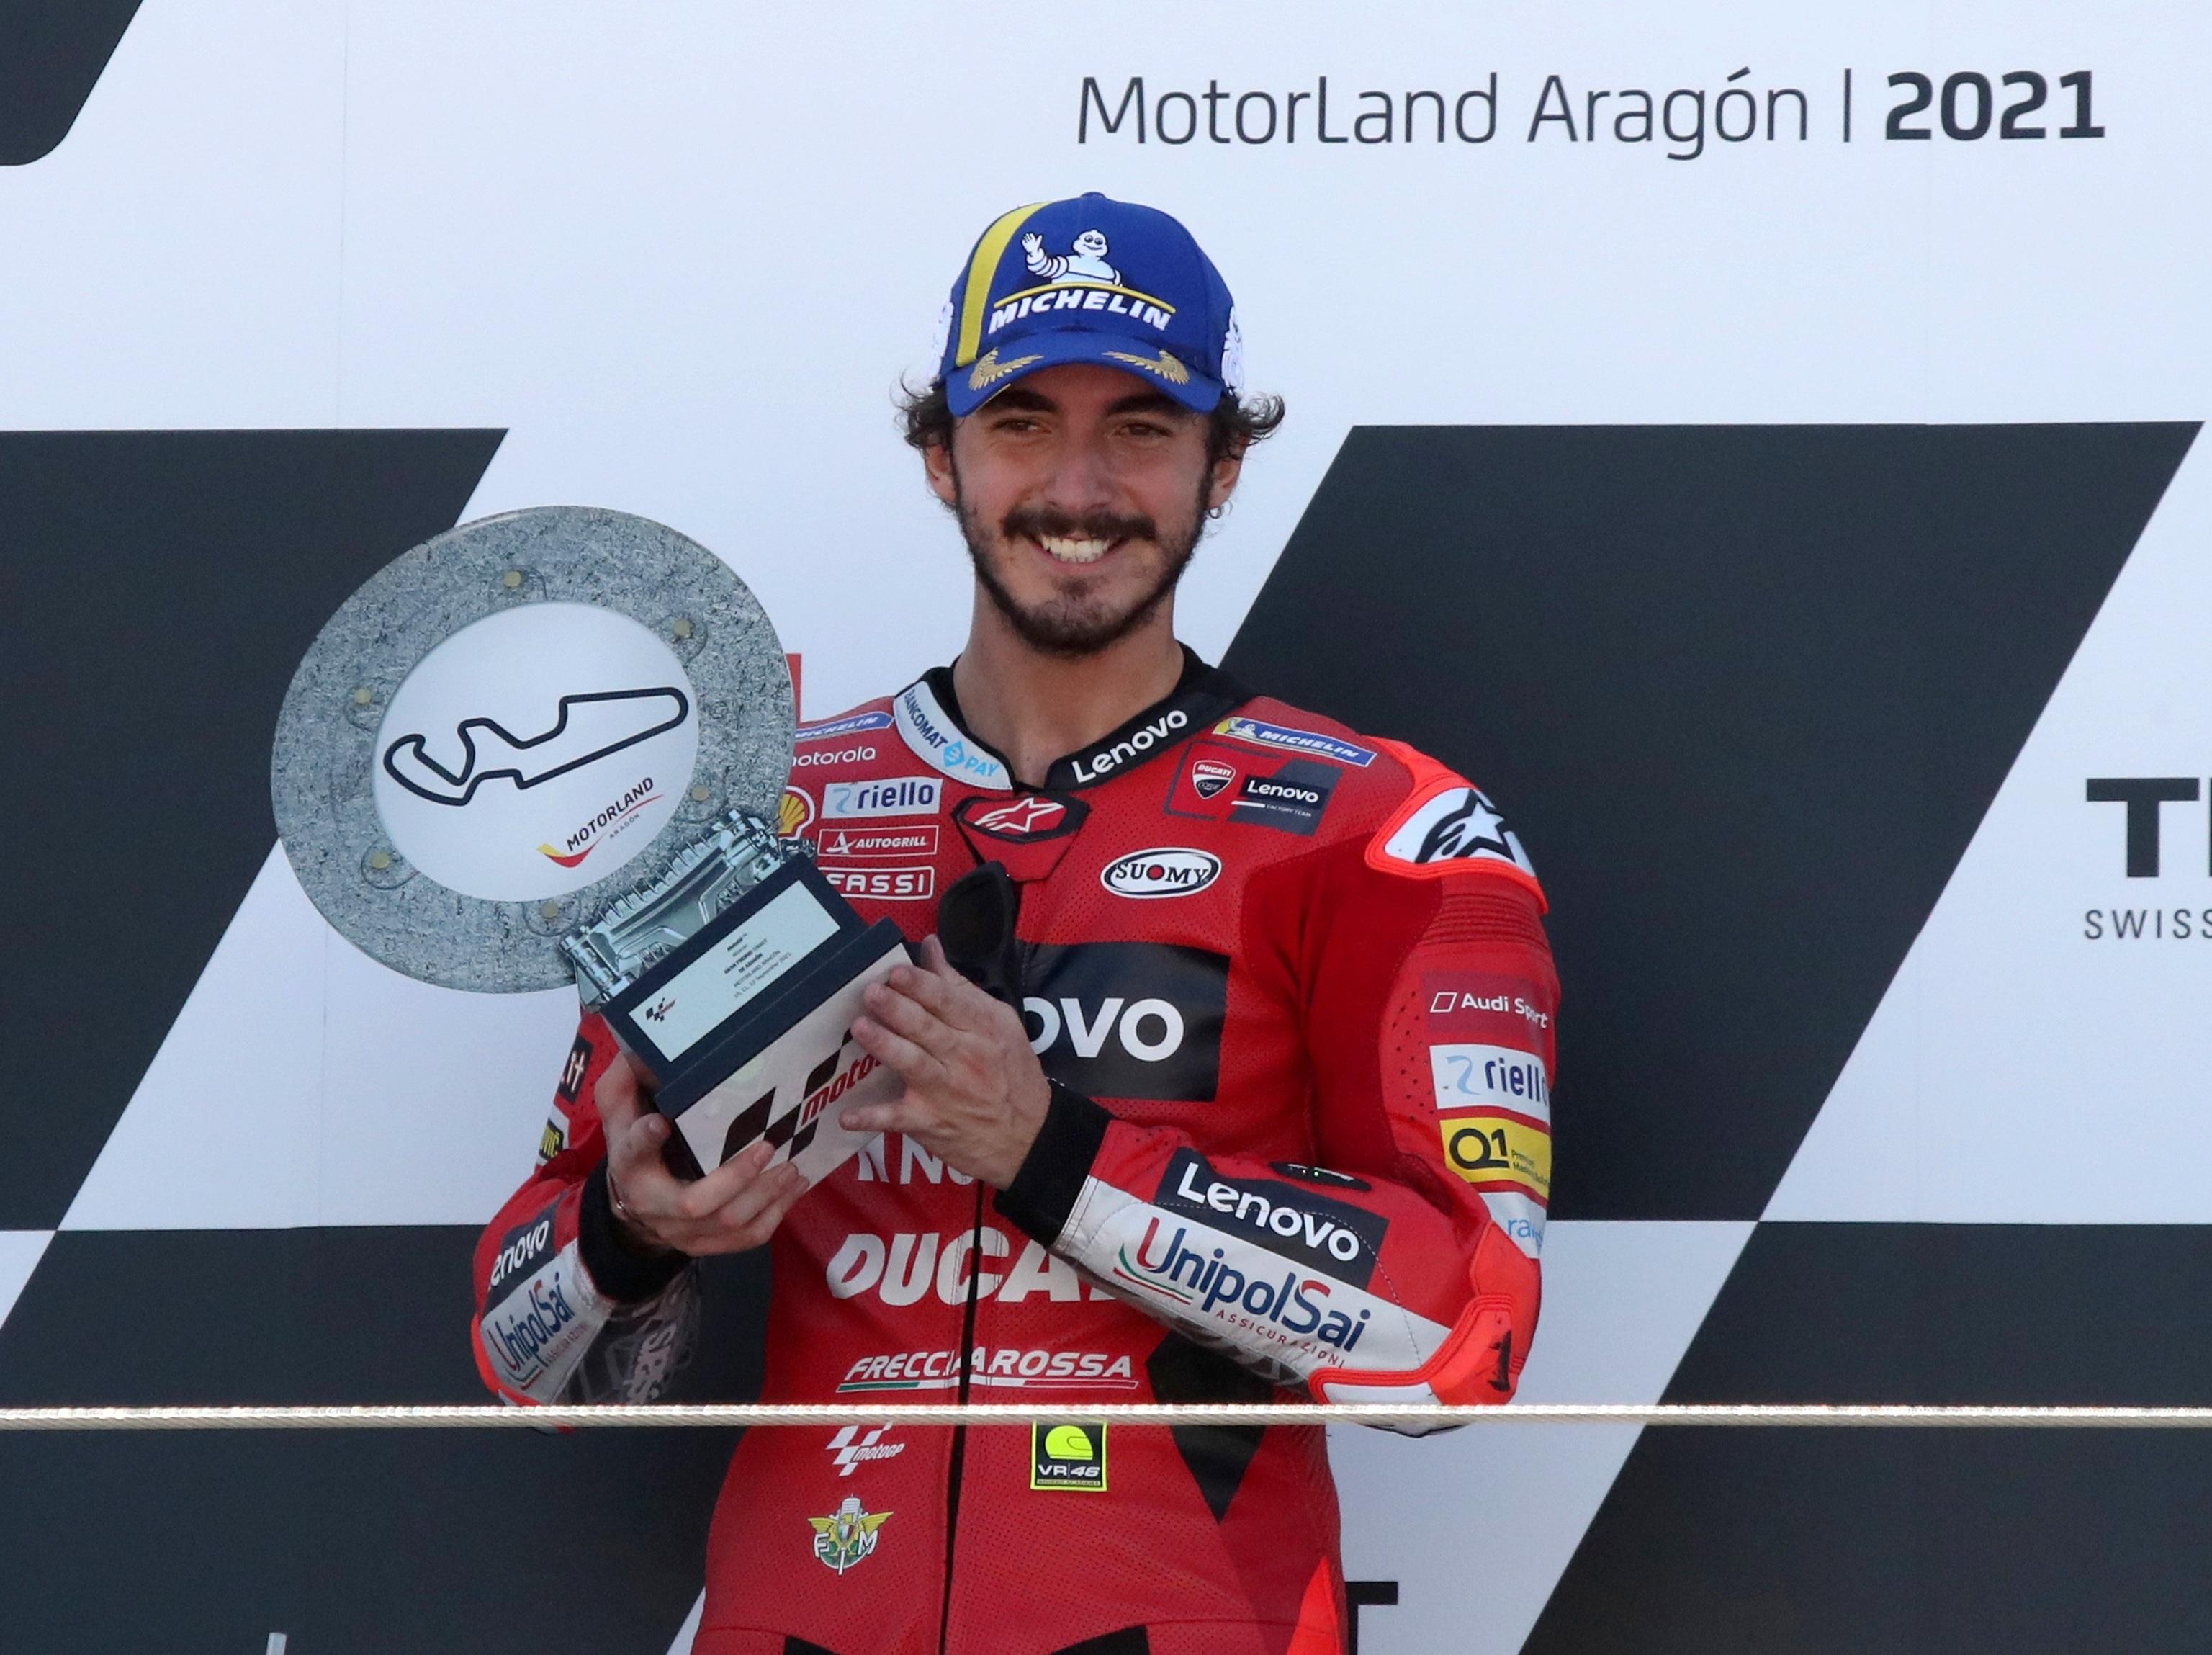 """MotoGP: Los difíciles inicios de Francesco Bagnaia, aspirante al Mundial:  """"Perdí las ganas de ir en moto""""   Motociclismo 2021"""